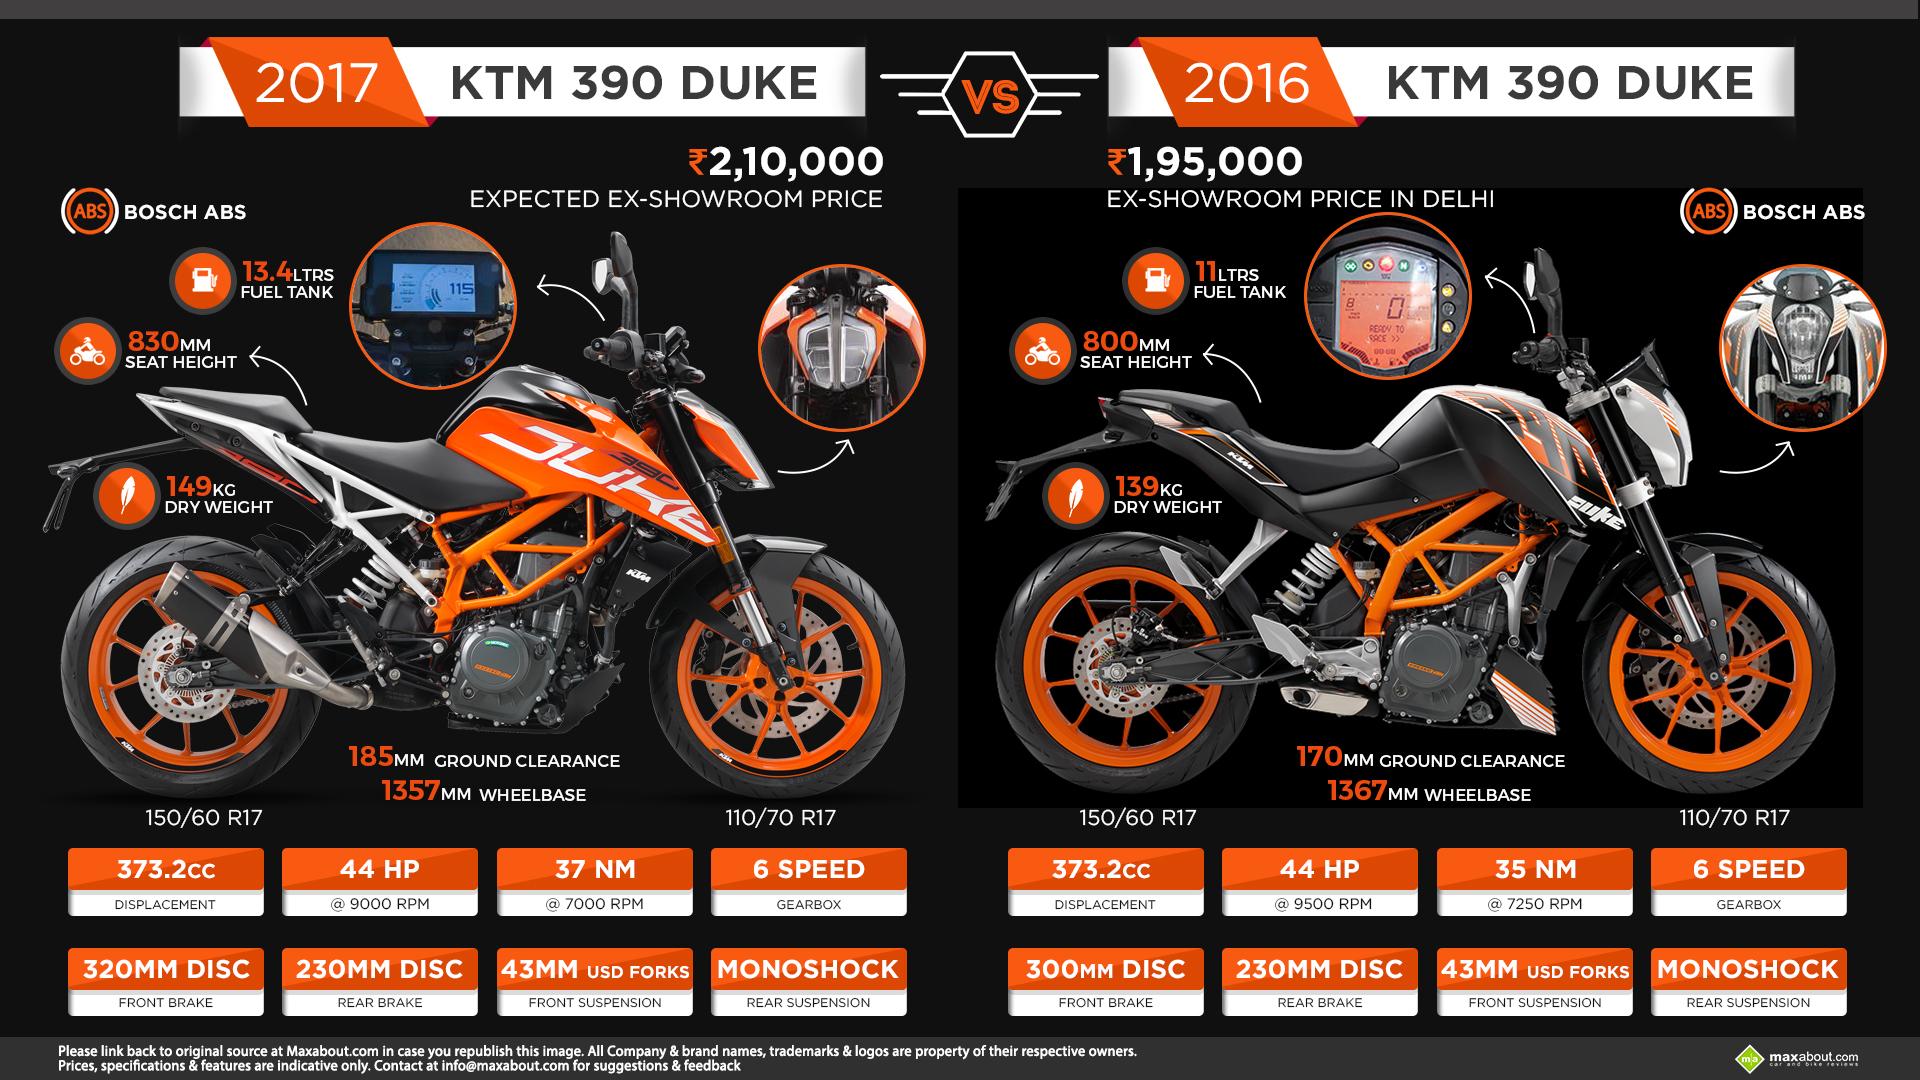 2017 KTM Duke 390 vs 2016 KTM Duke 390 1920x1080